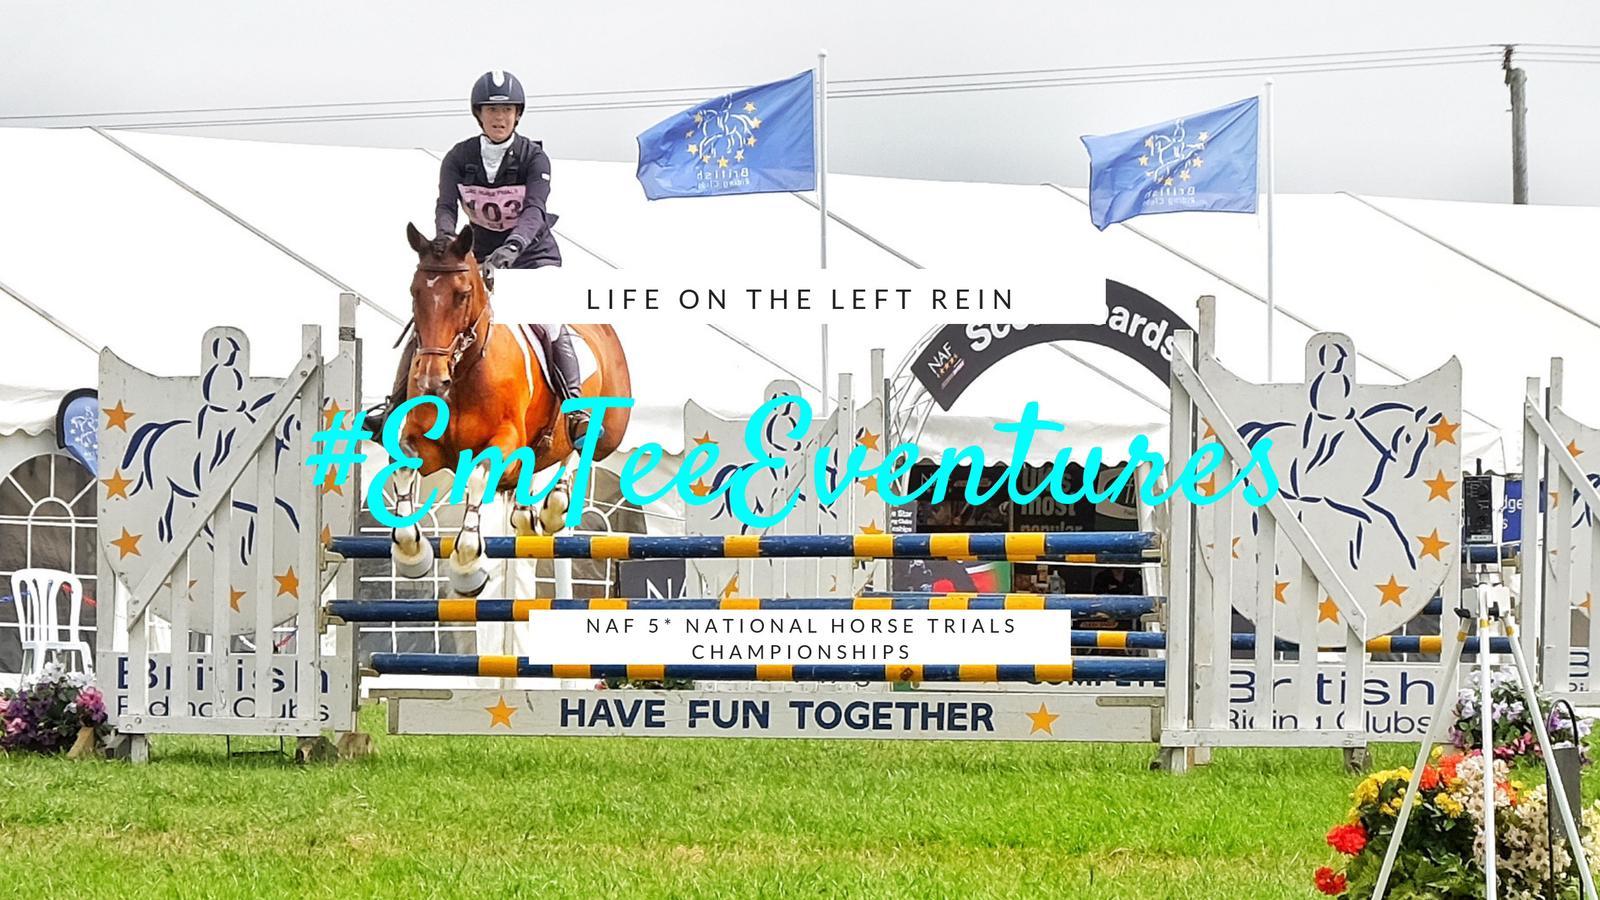 NAF 5* BRC National Horse Trials Championships #EmTeeEventures ~ LifeOTLR Vlog